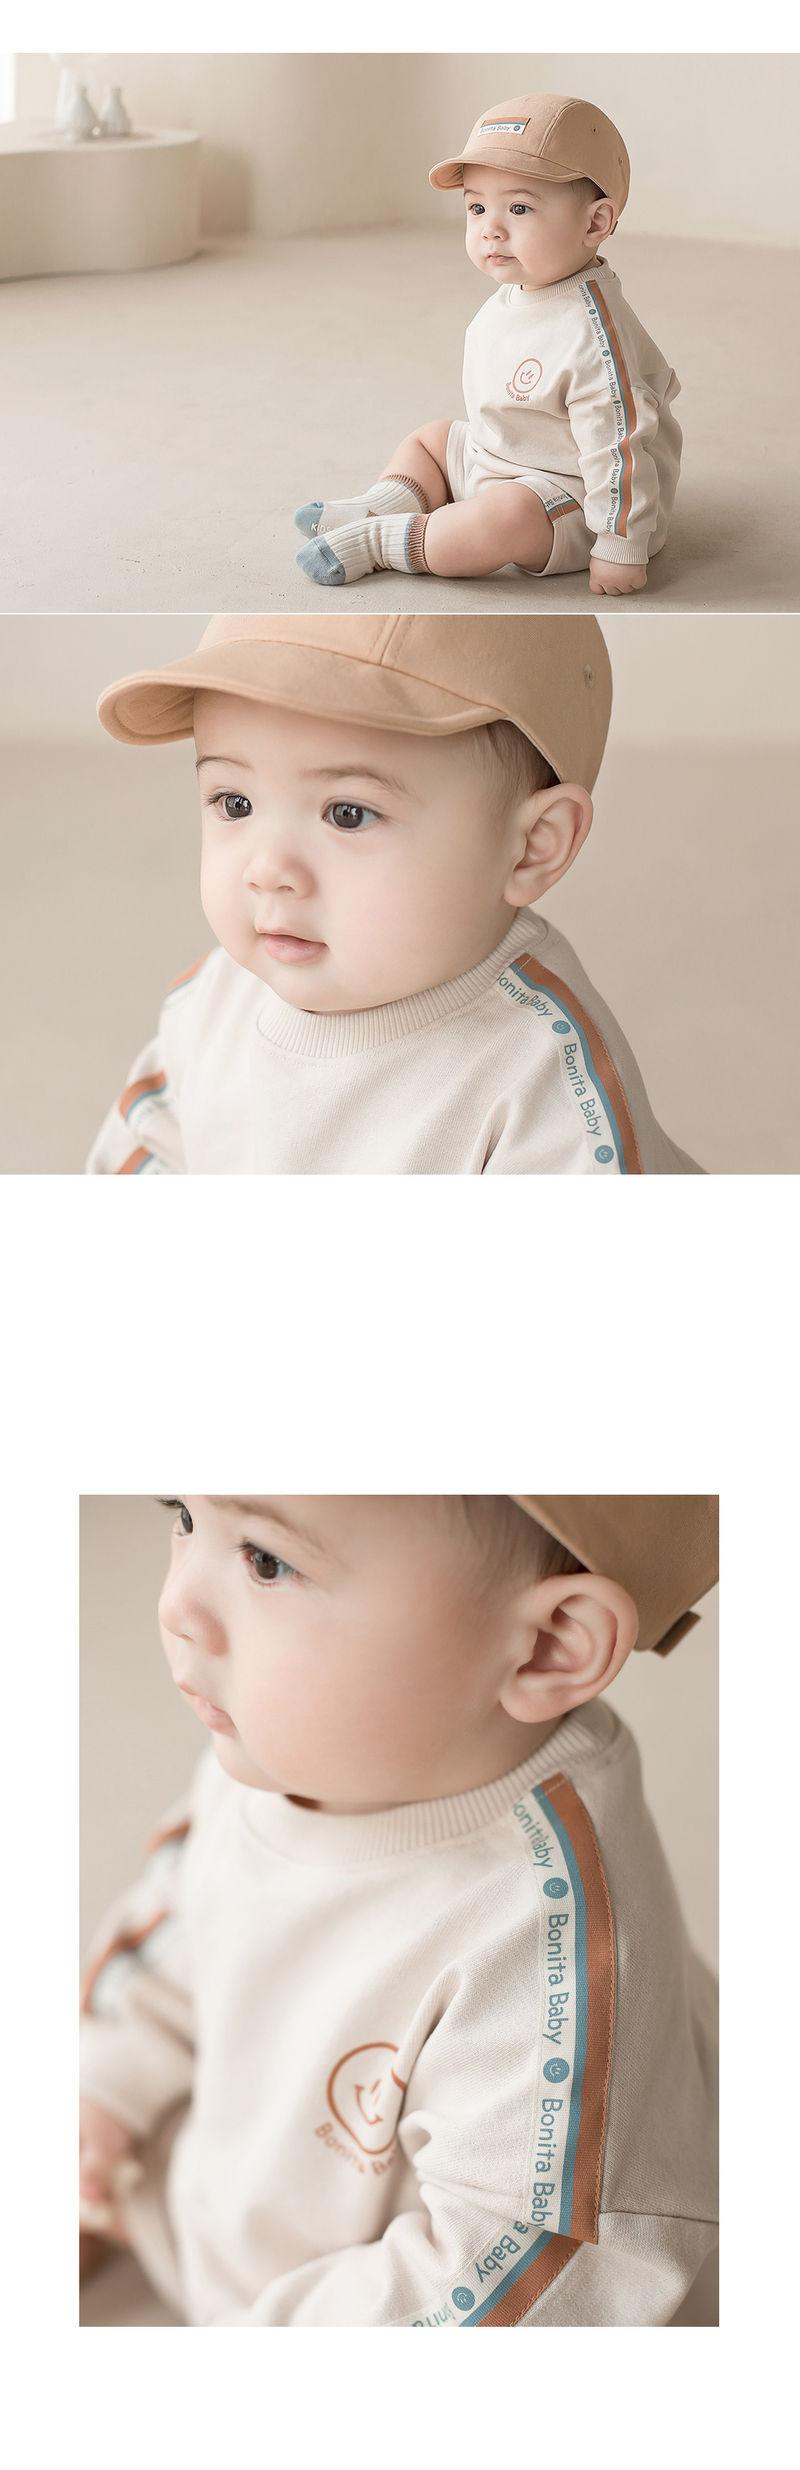 HAPPY PRINCE - Korean Children Fashion - #Kfashion4kids - Dico Baby Top and Bottom - 2